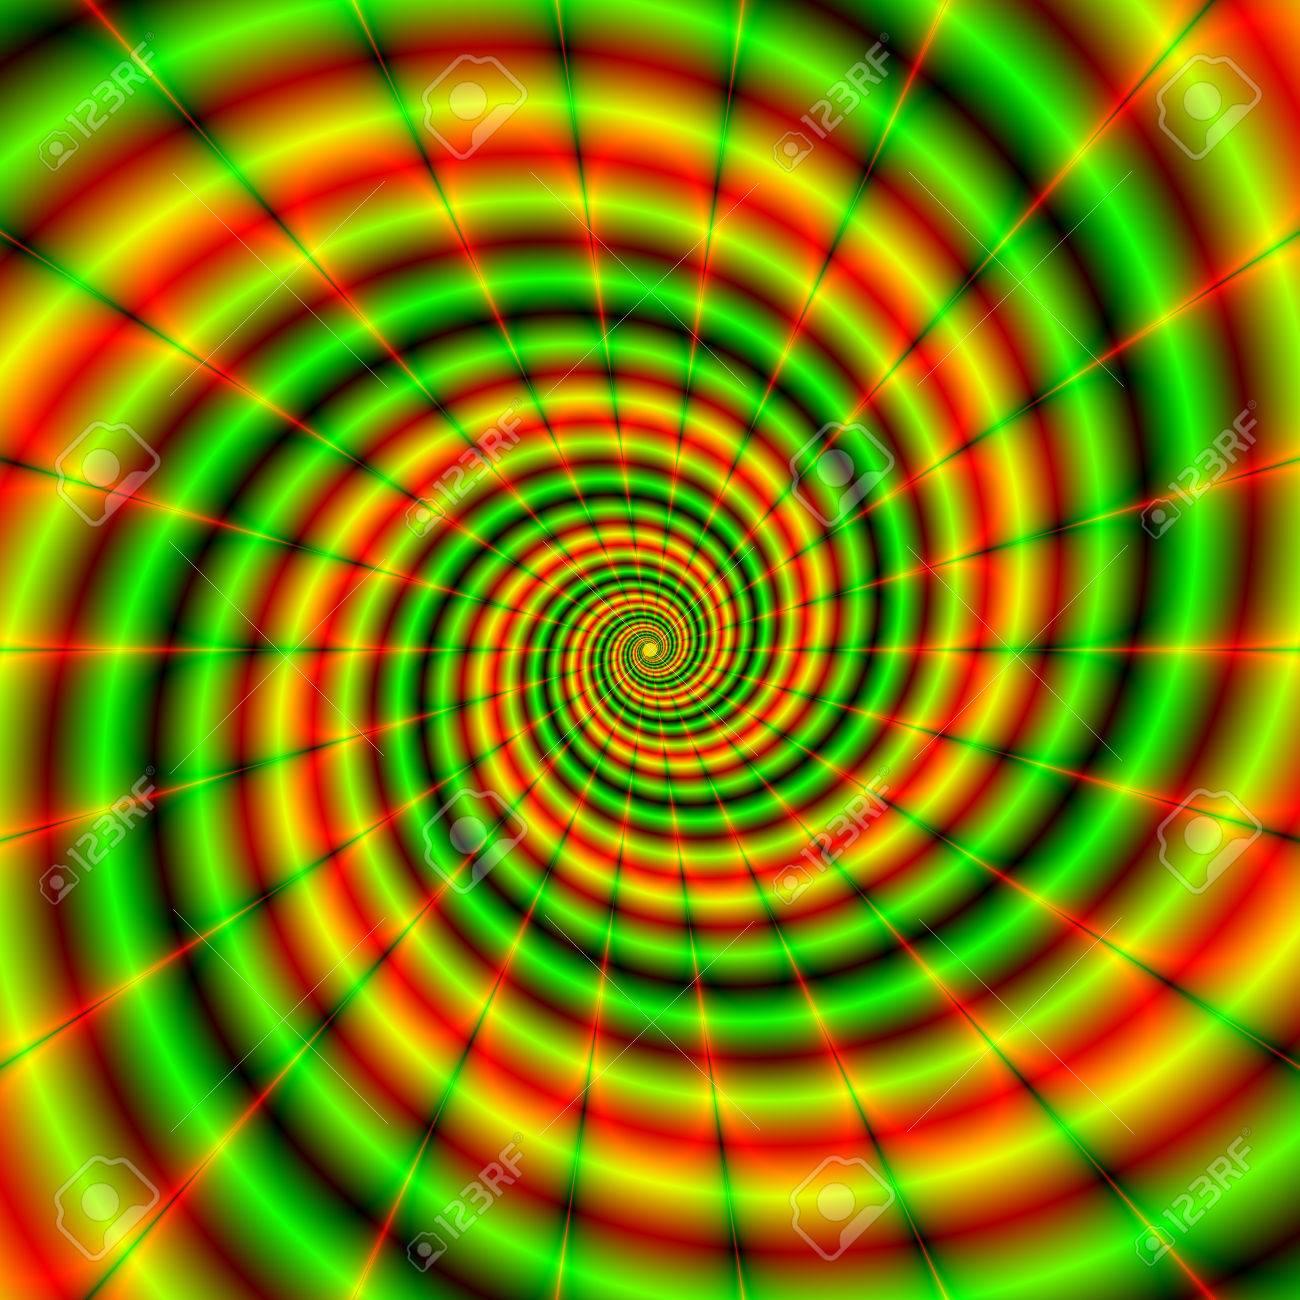 Una Imagen Fractal Con Un Diseño En Espiral En Verde Y Naranja ...